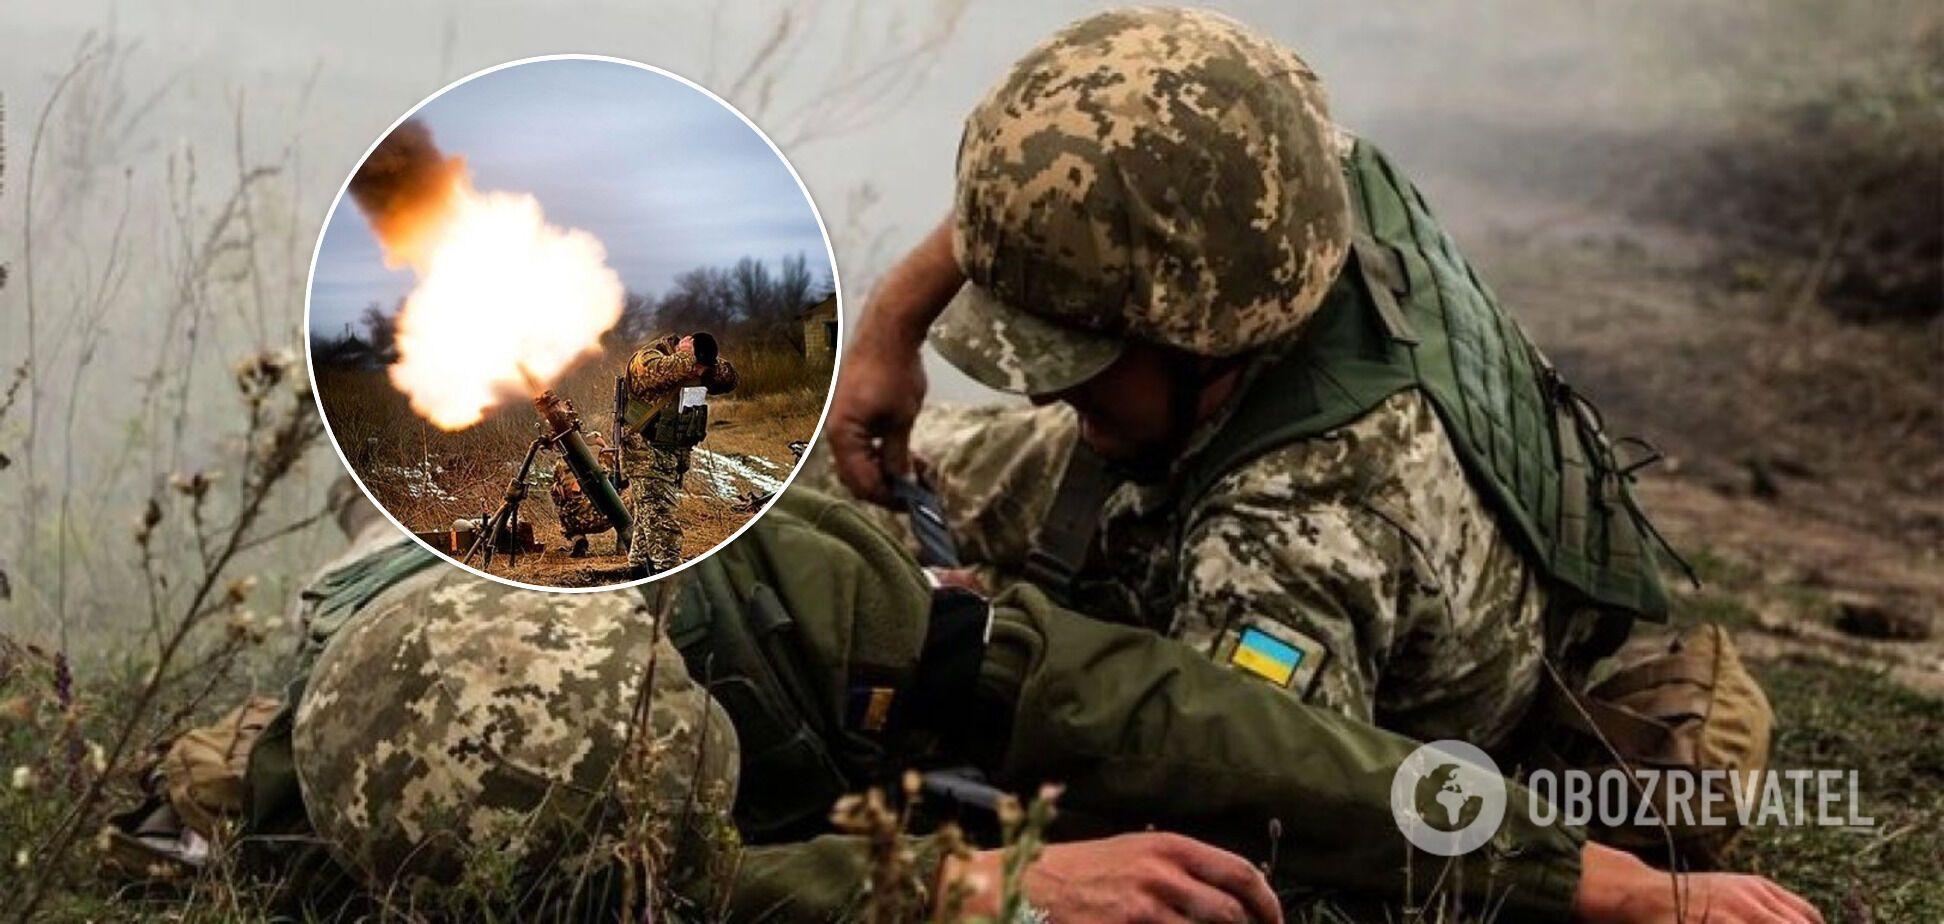 Июль на Донбассе: война продолжается, нам нужно быть готовыми к худшему сценарию